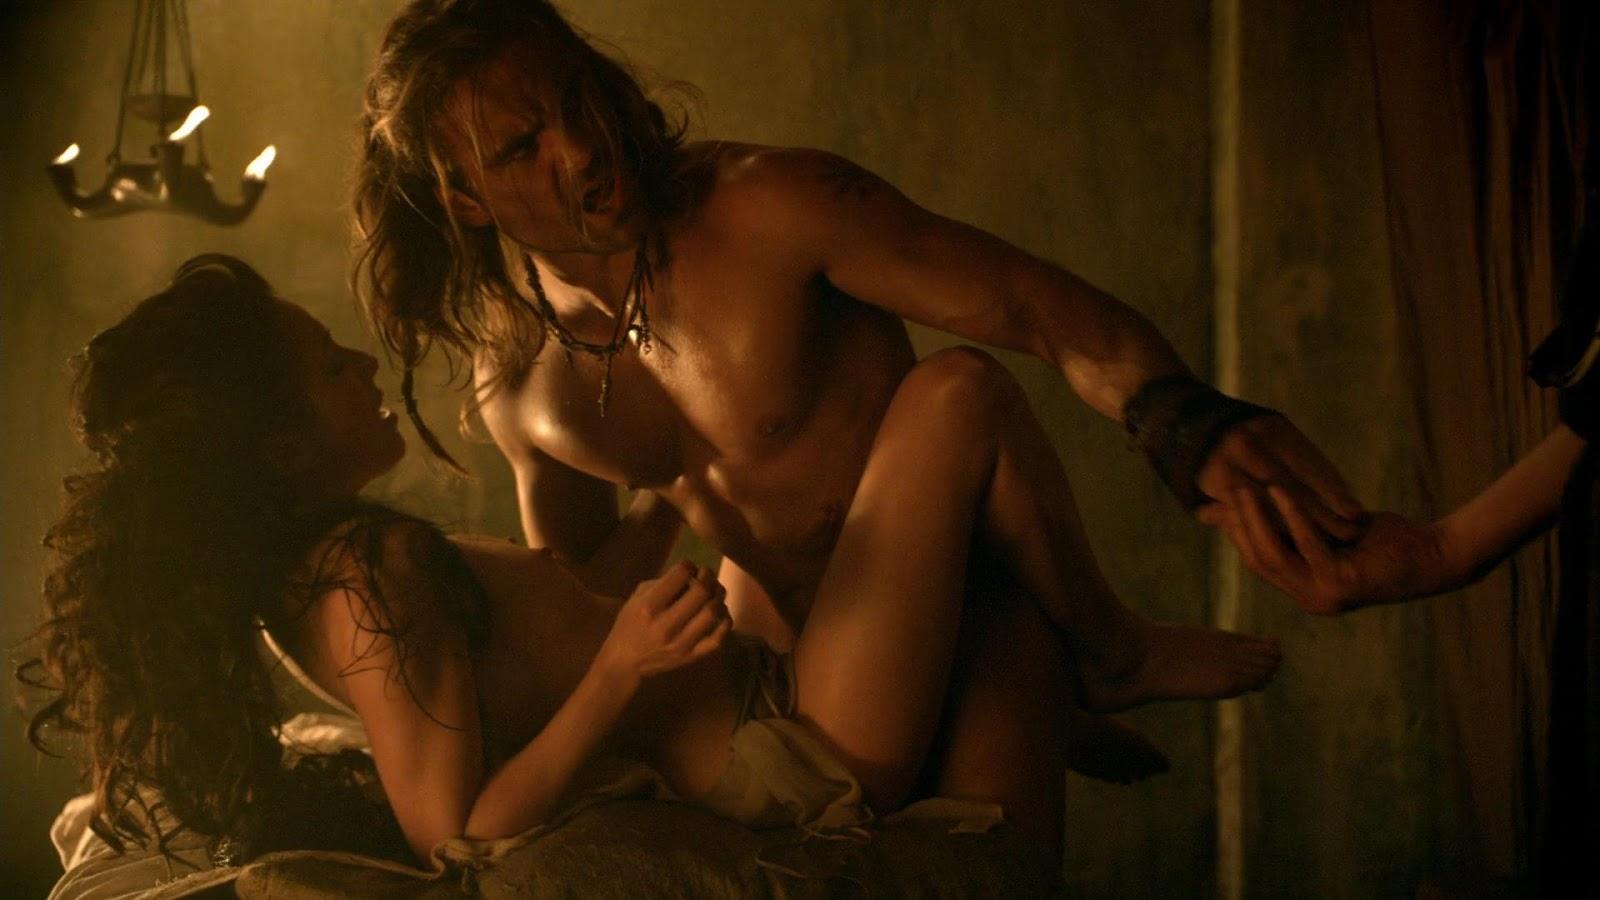 подборка из эротических фильмов видео онлайн случайно оказавшись этом